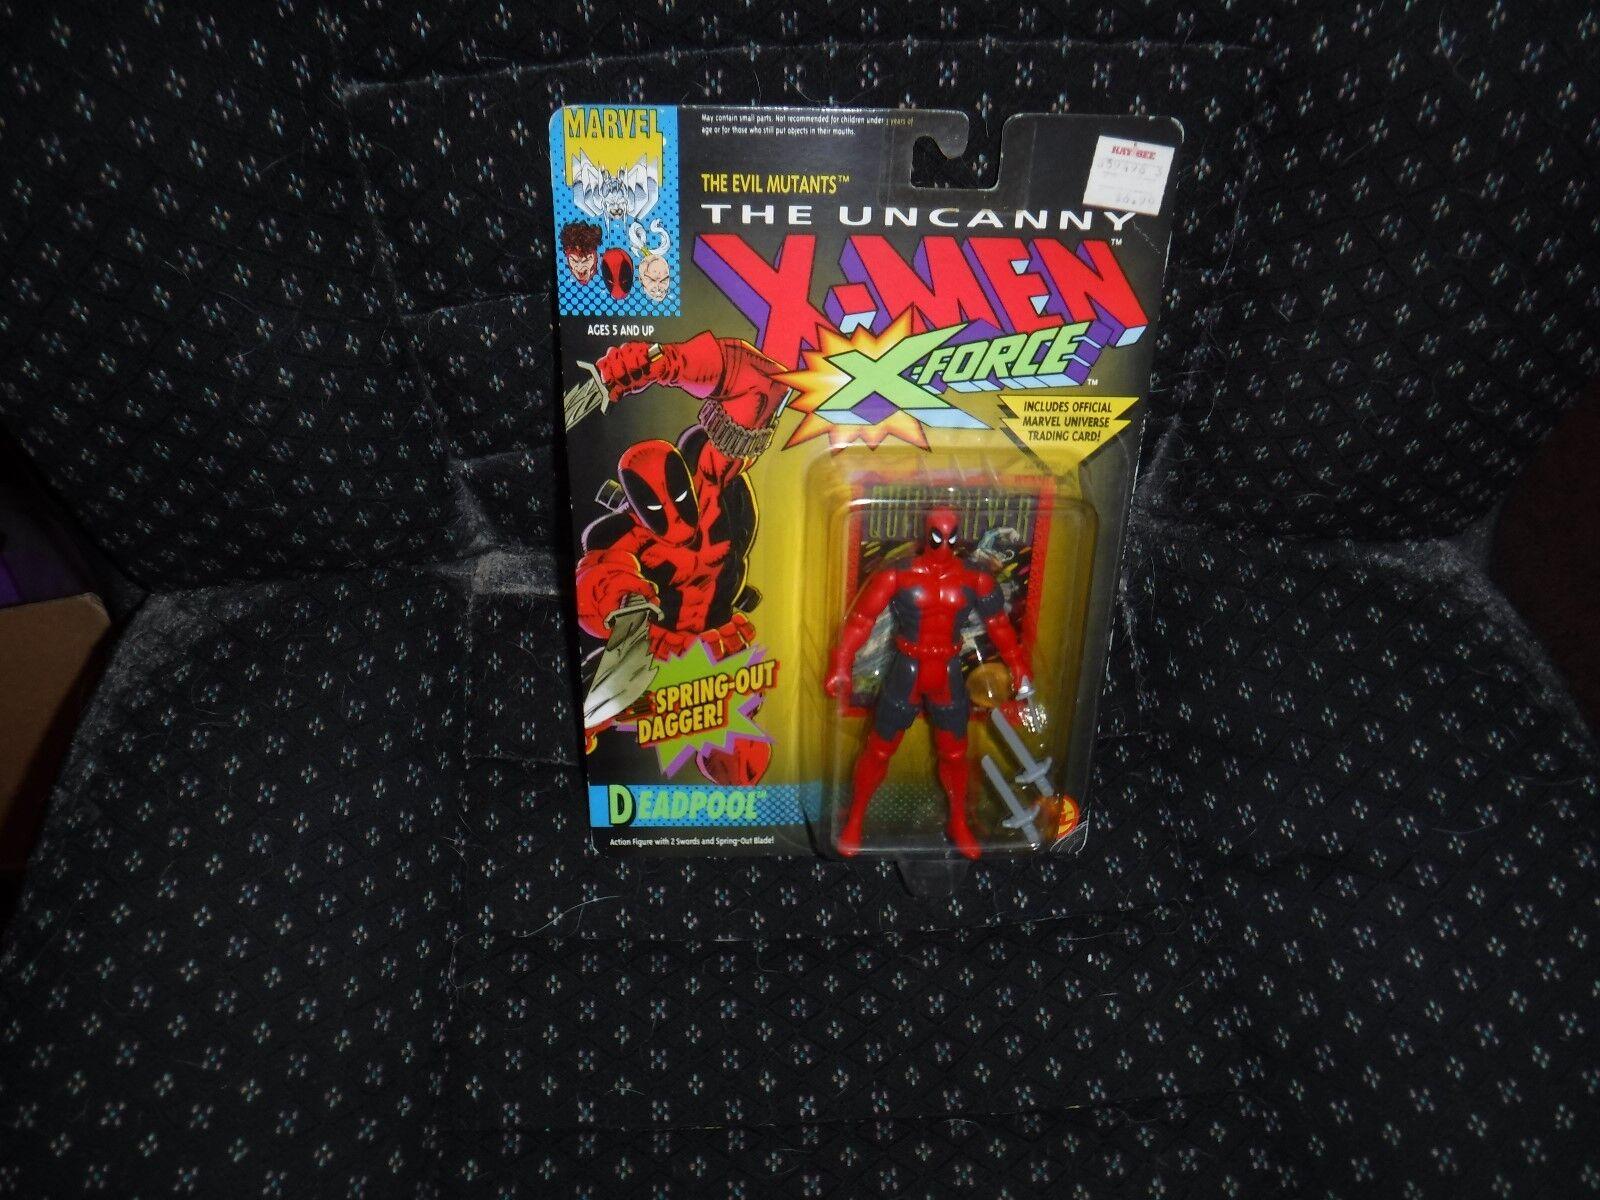 Fr deadpool actionfigur 1992 die unheimlichen x - men - x - force spielzeug - biz nib